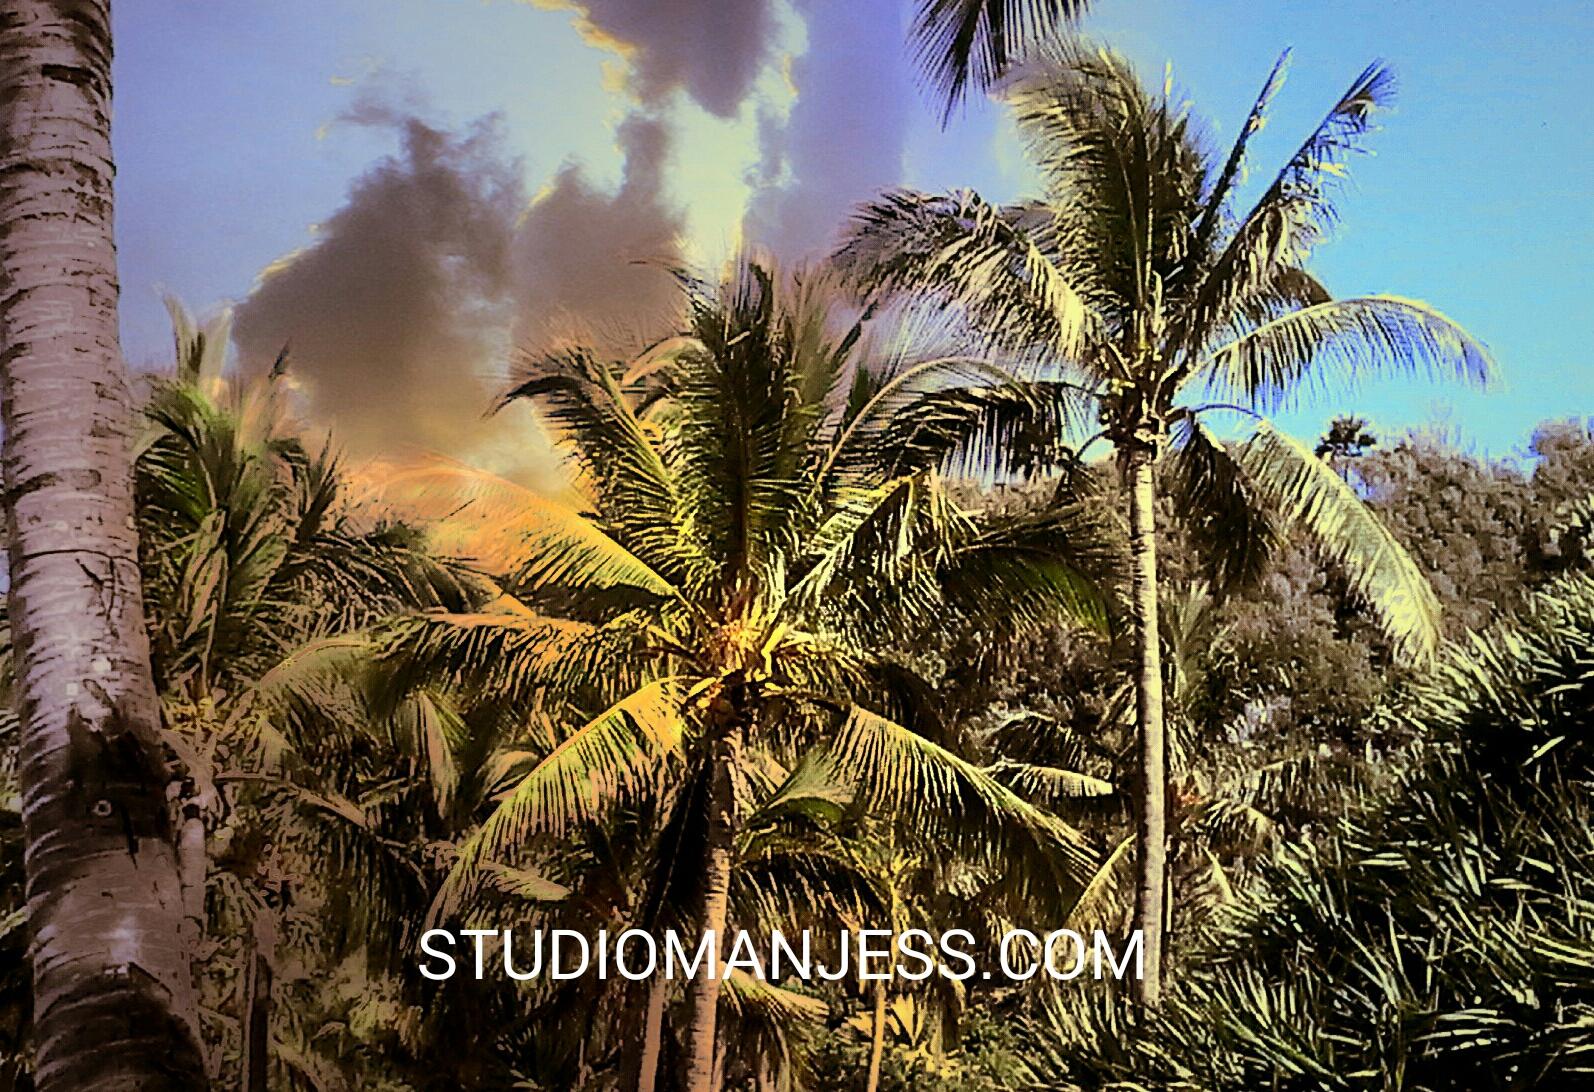 Studiomanjesss.com